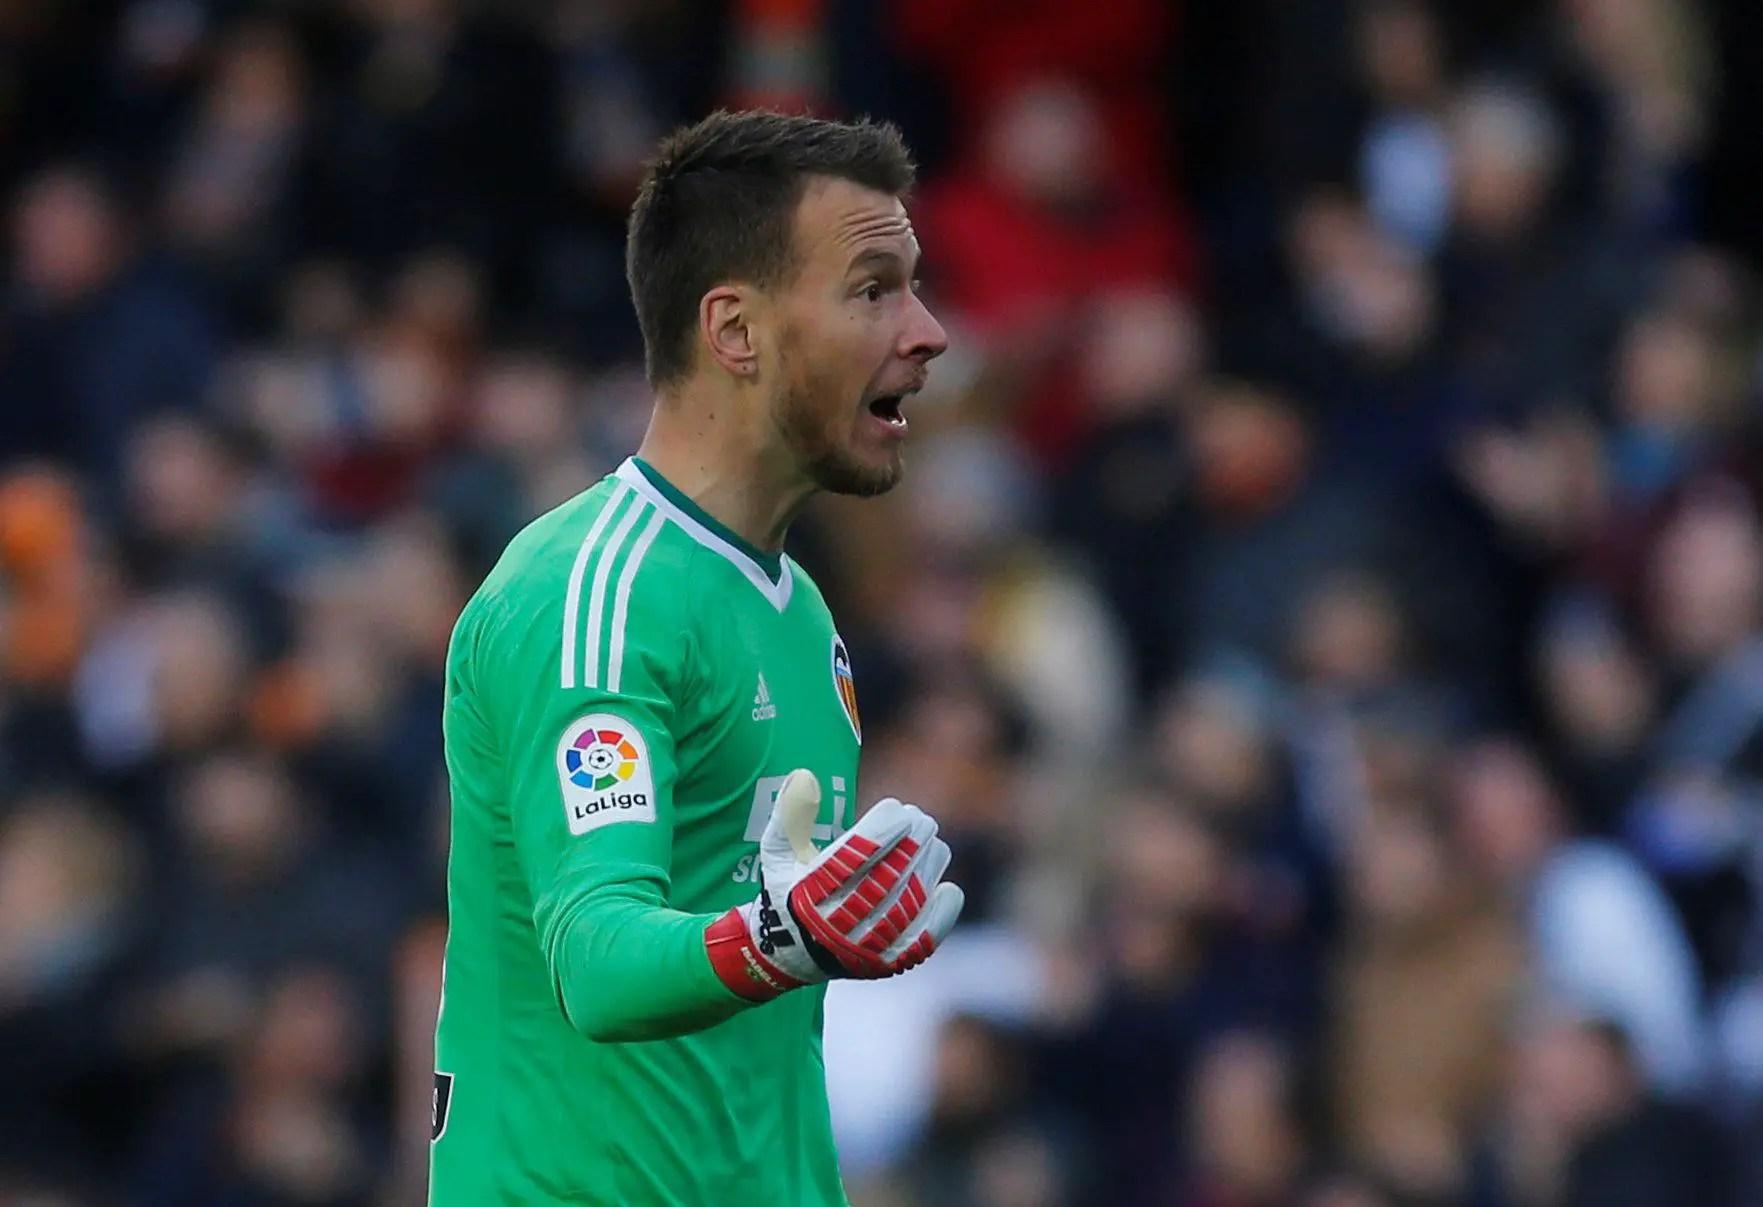 Neto Wins Marcelino Praise After Europa Win